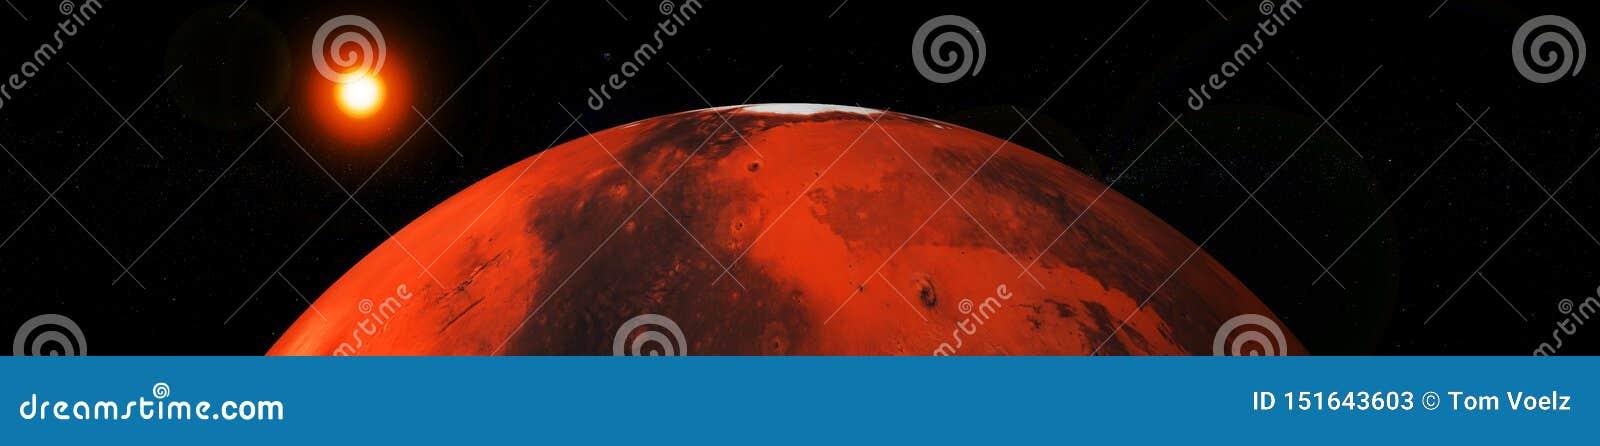 Άρης και γη, πλανήτες του ηλιακού συστήματος